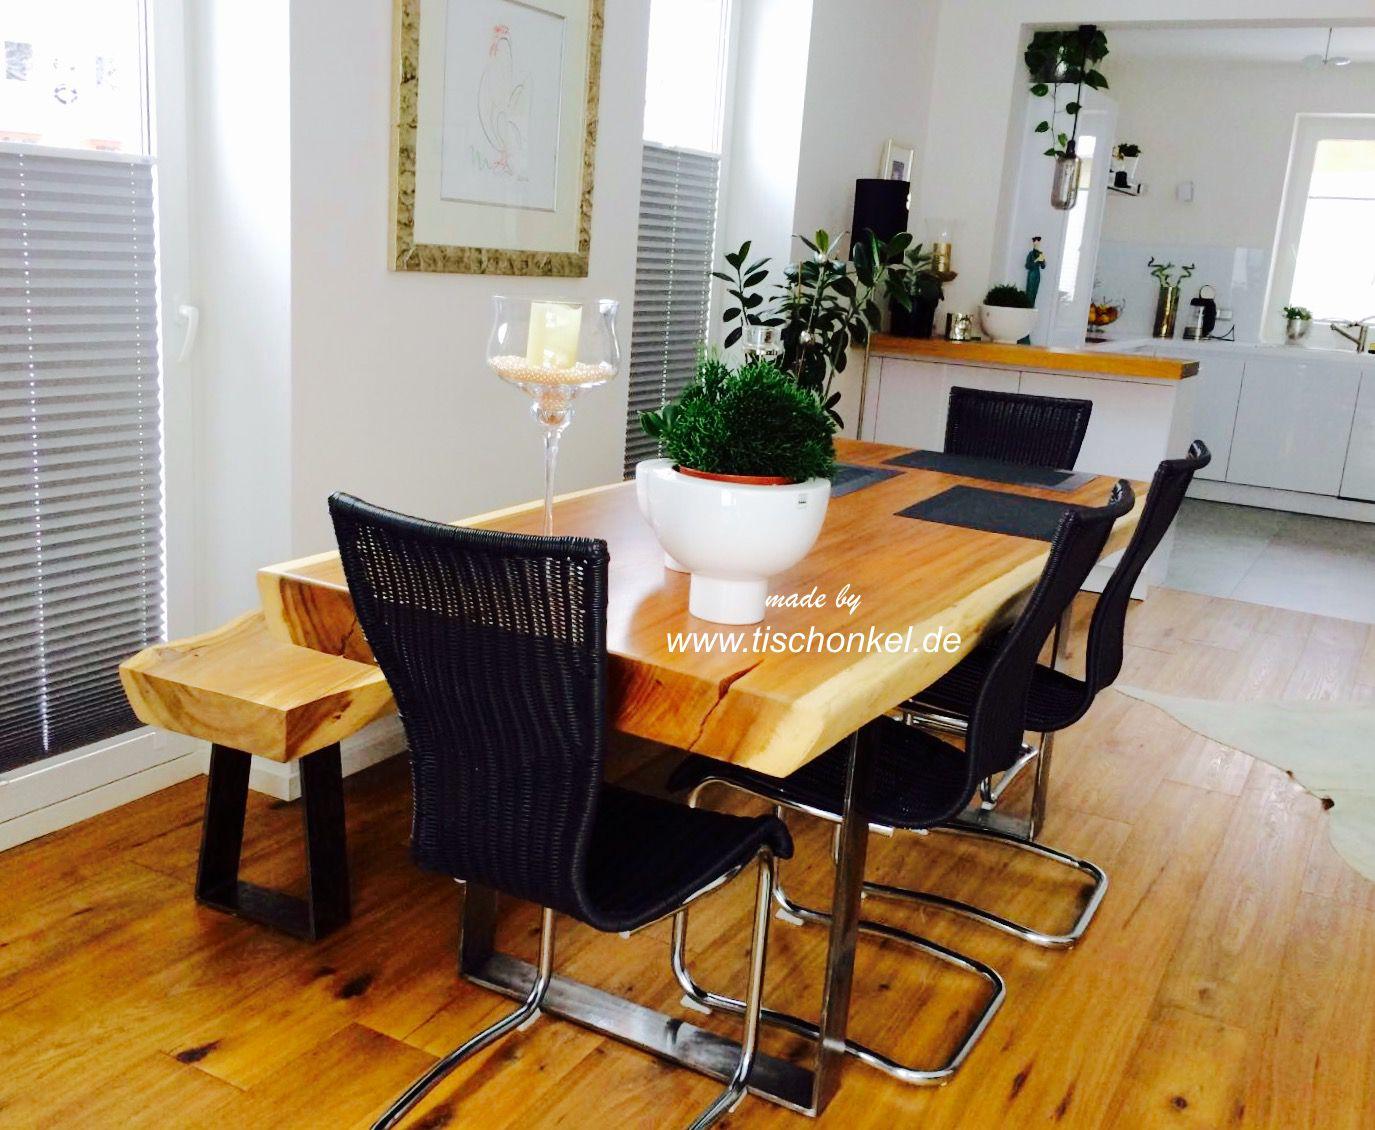 esstisch mit einer sitzbank aus einem baumstamm der tischonkel. Black Bedroom Furniture Sets. Home Design Ideas